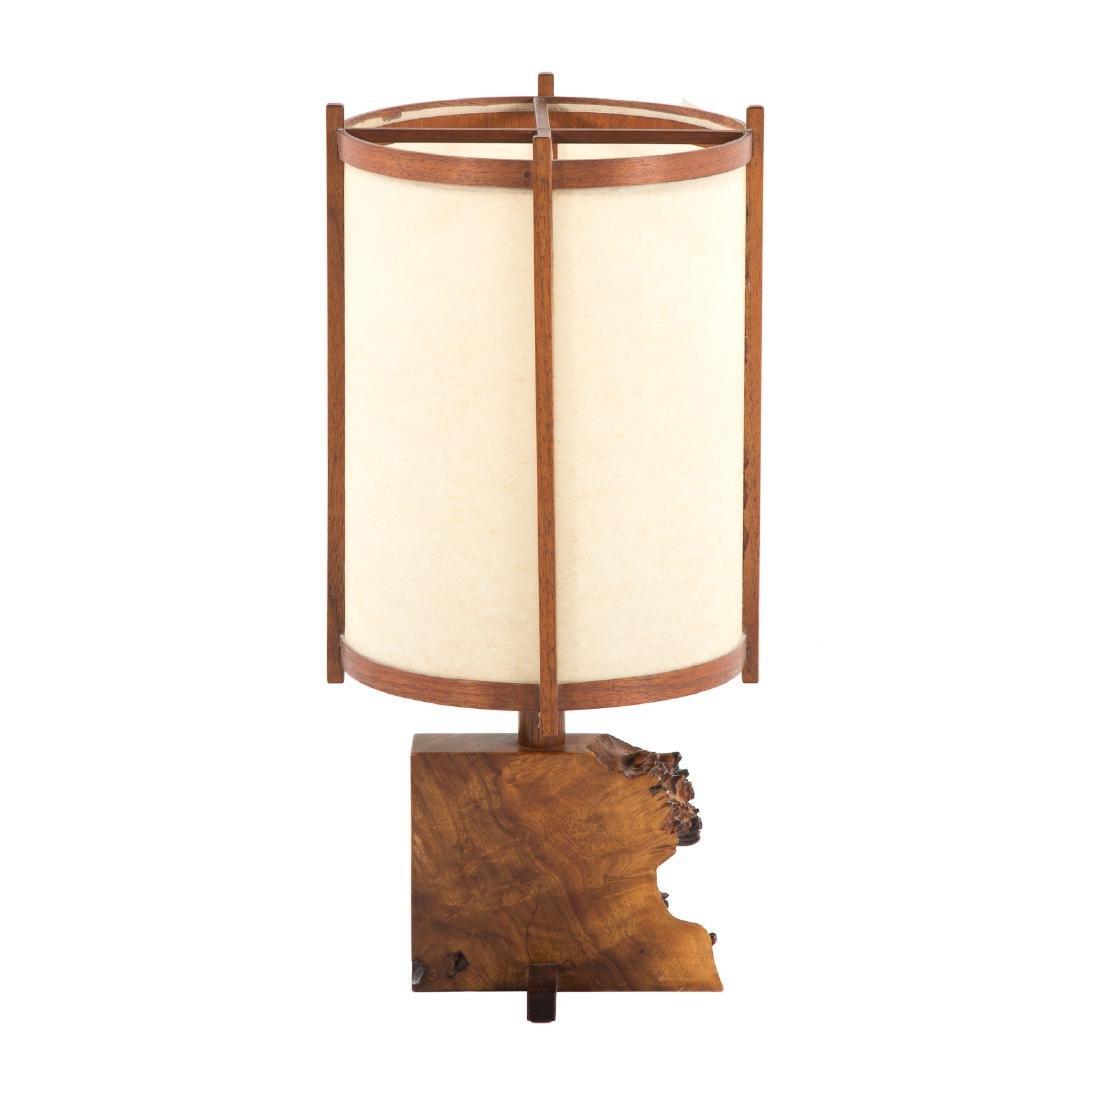 George Nakashima Desk Lamp